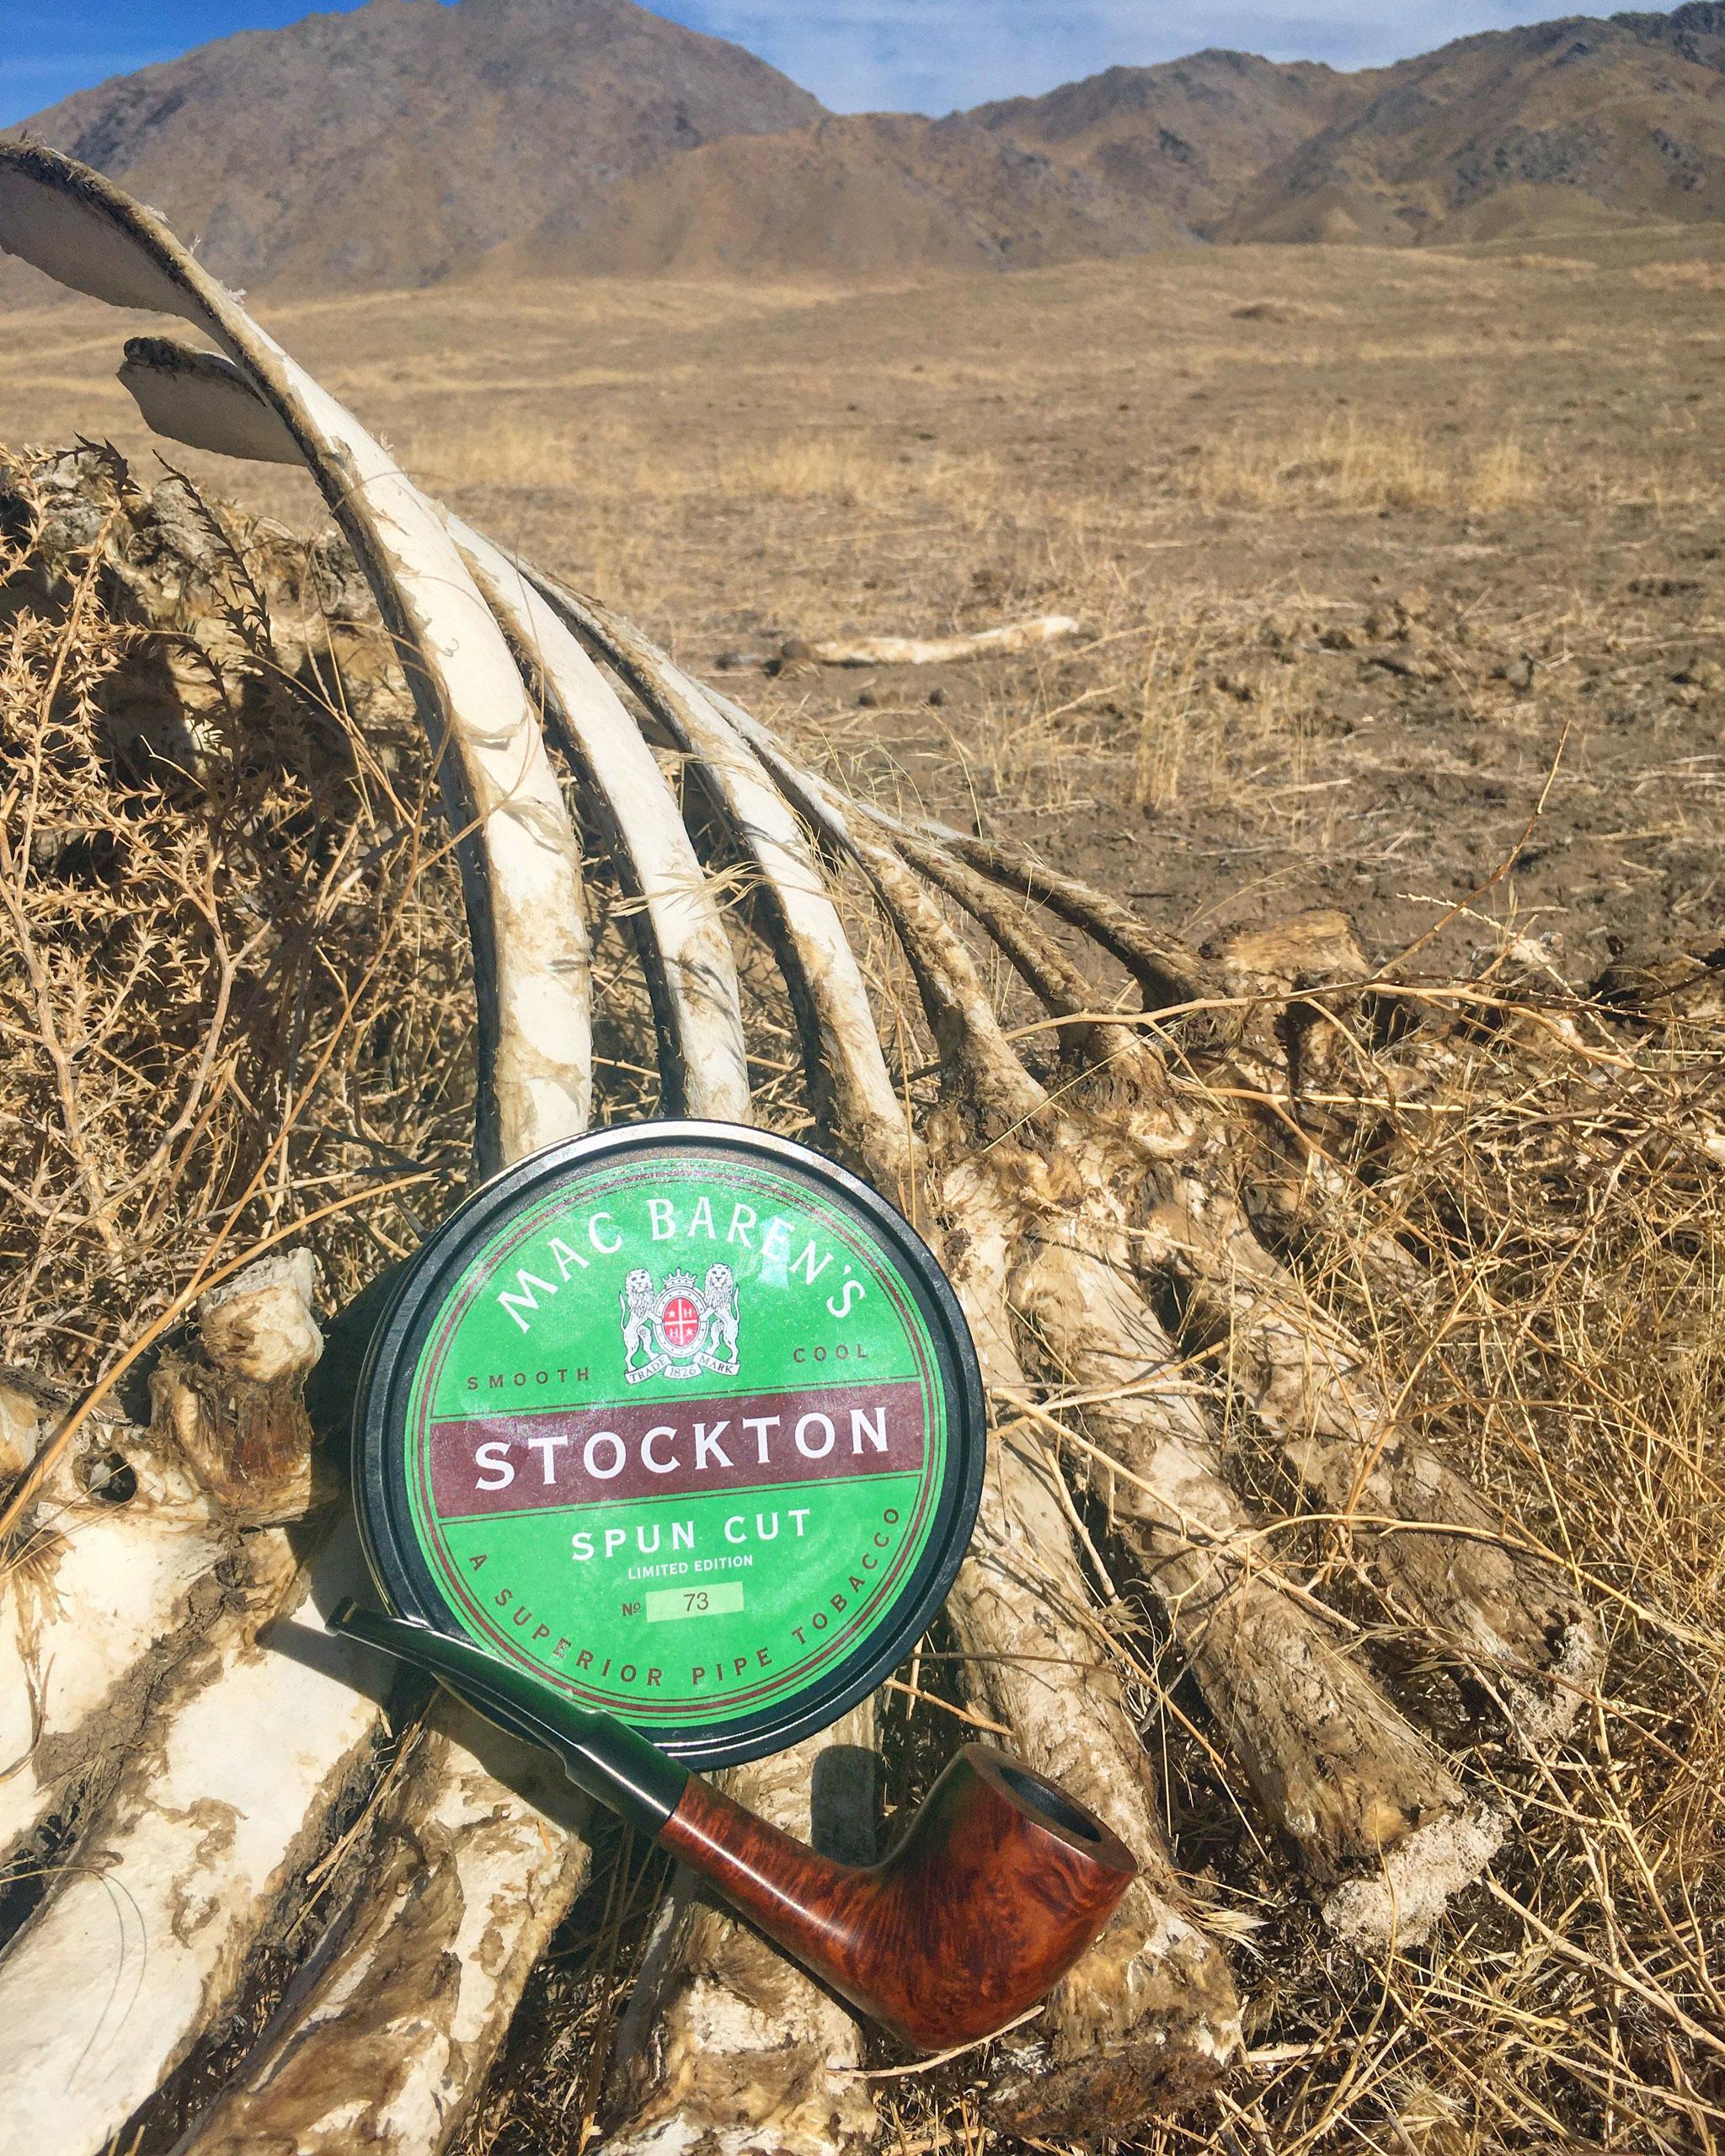 Mac Baren Stockton Spun Cut Tobacco